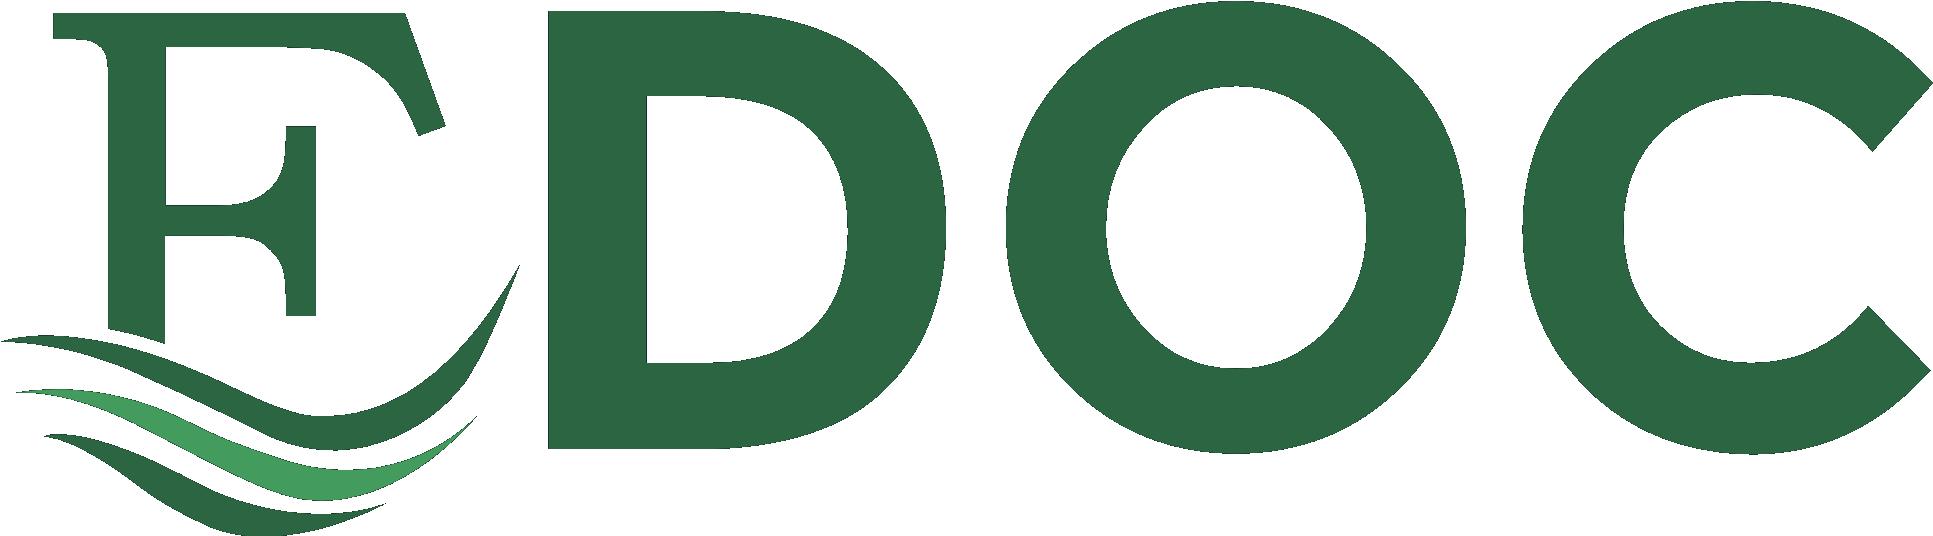 Miopatie ochi